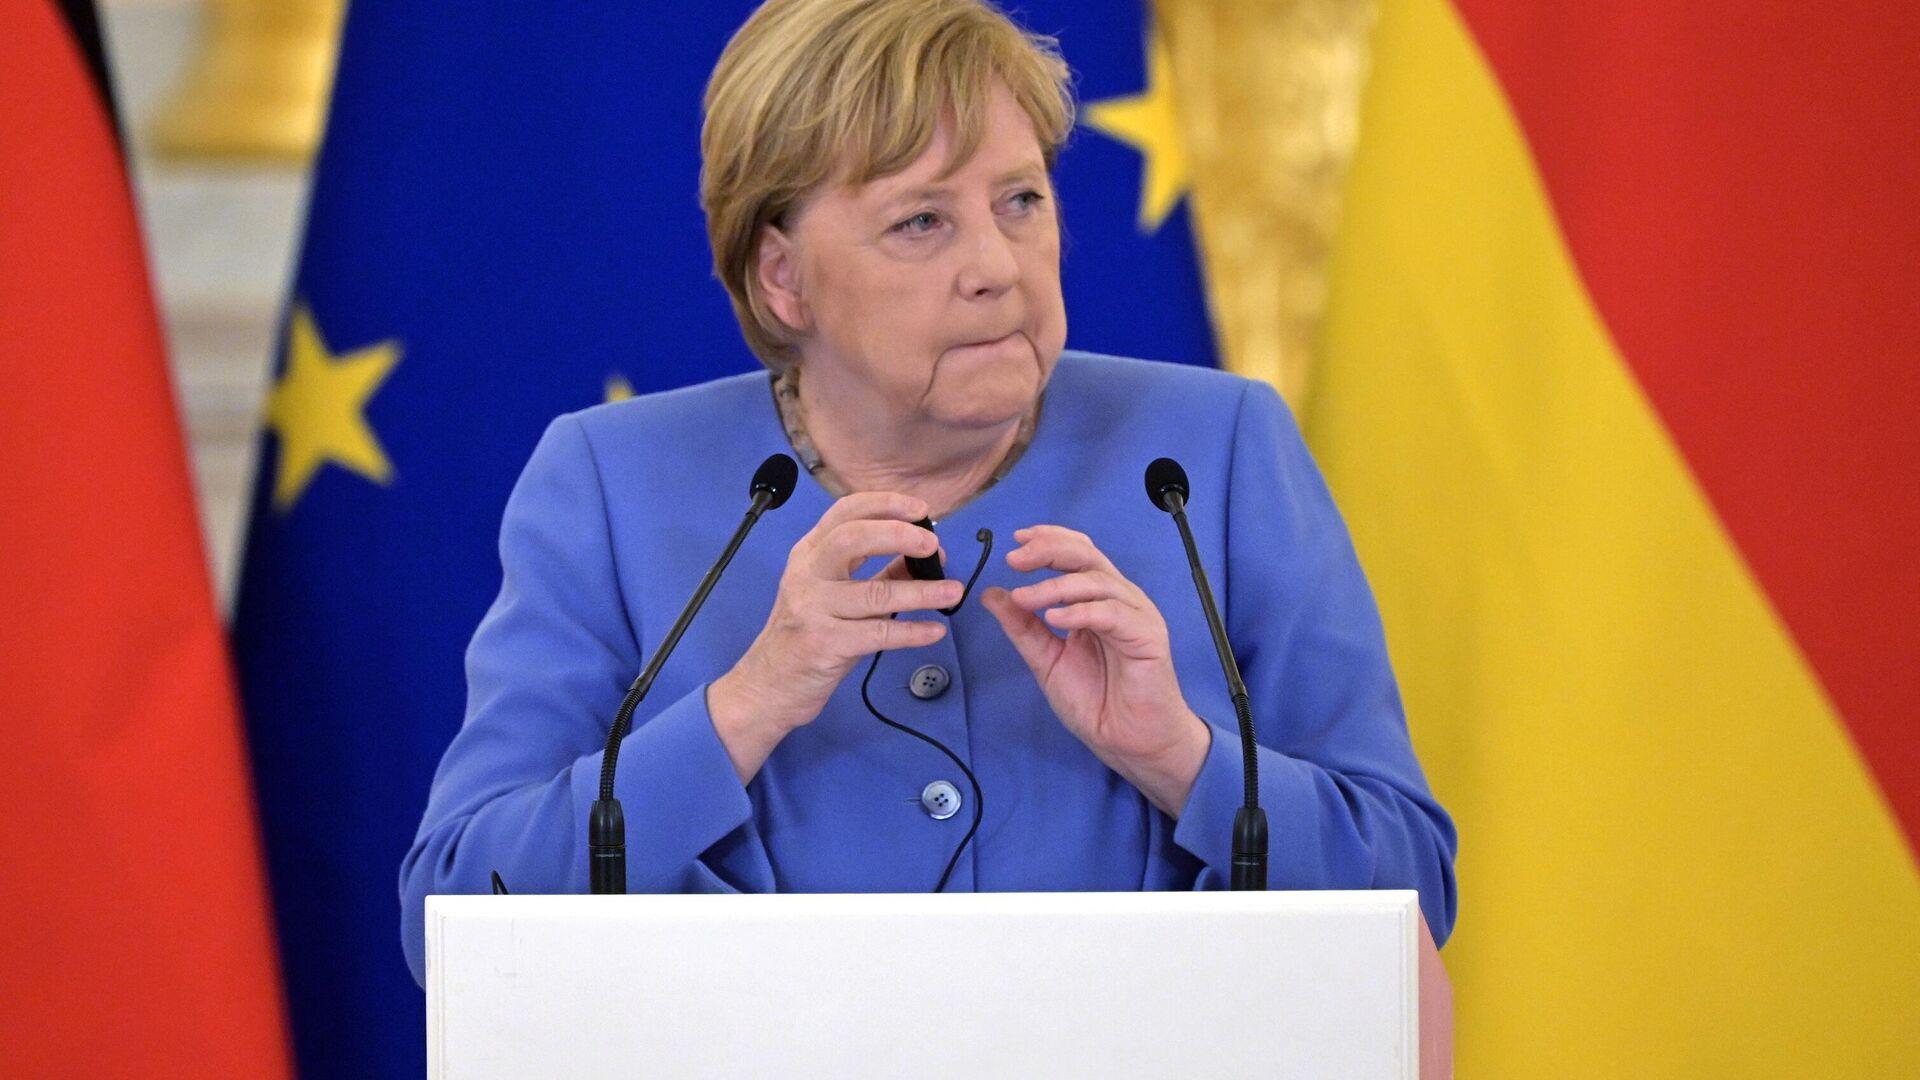 Федеральный канцлер Германии Ангела Меркель - Sputnik Латвия, 1920, 09.09.2021